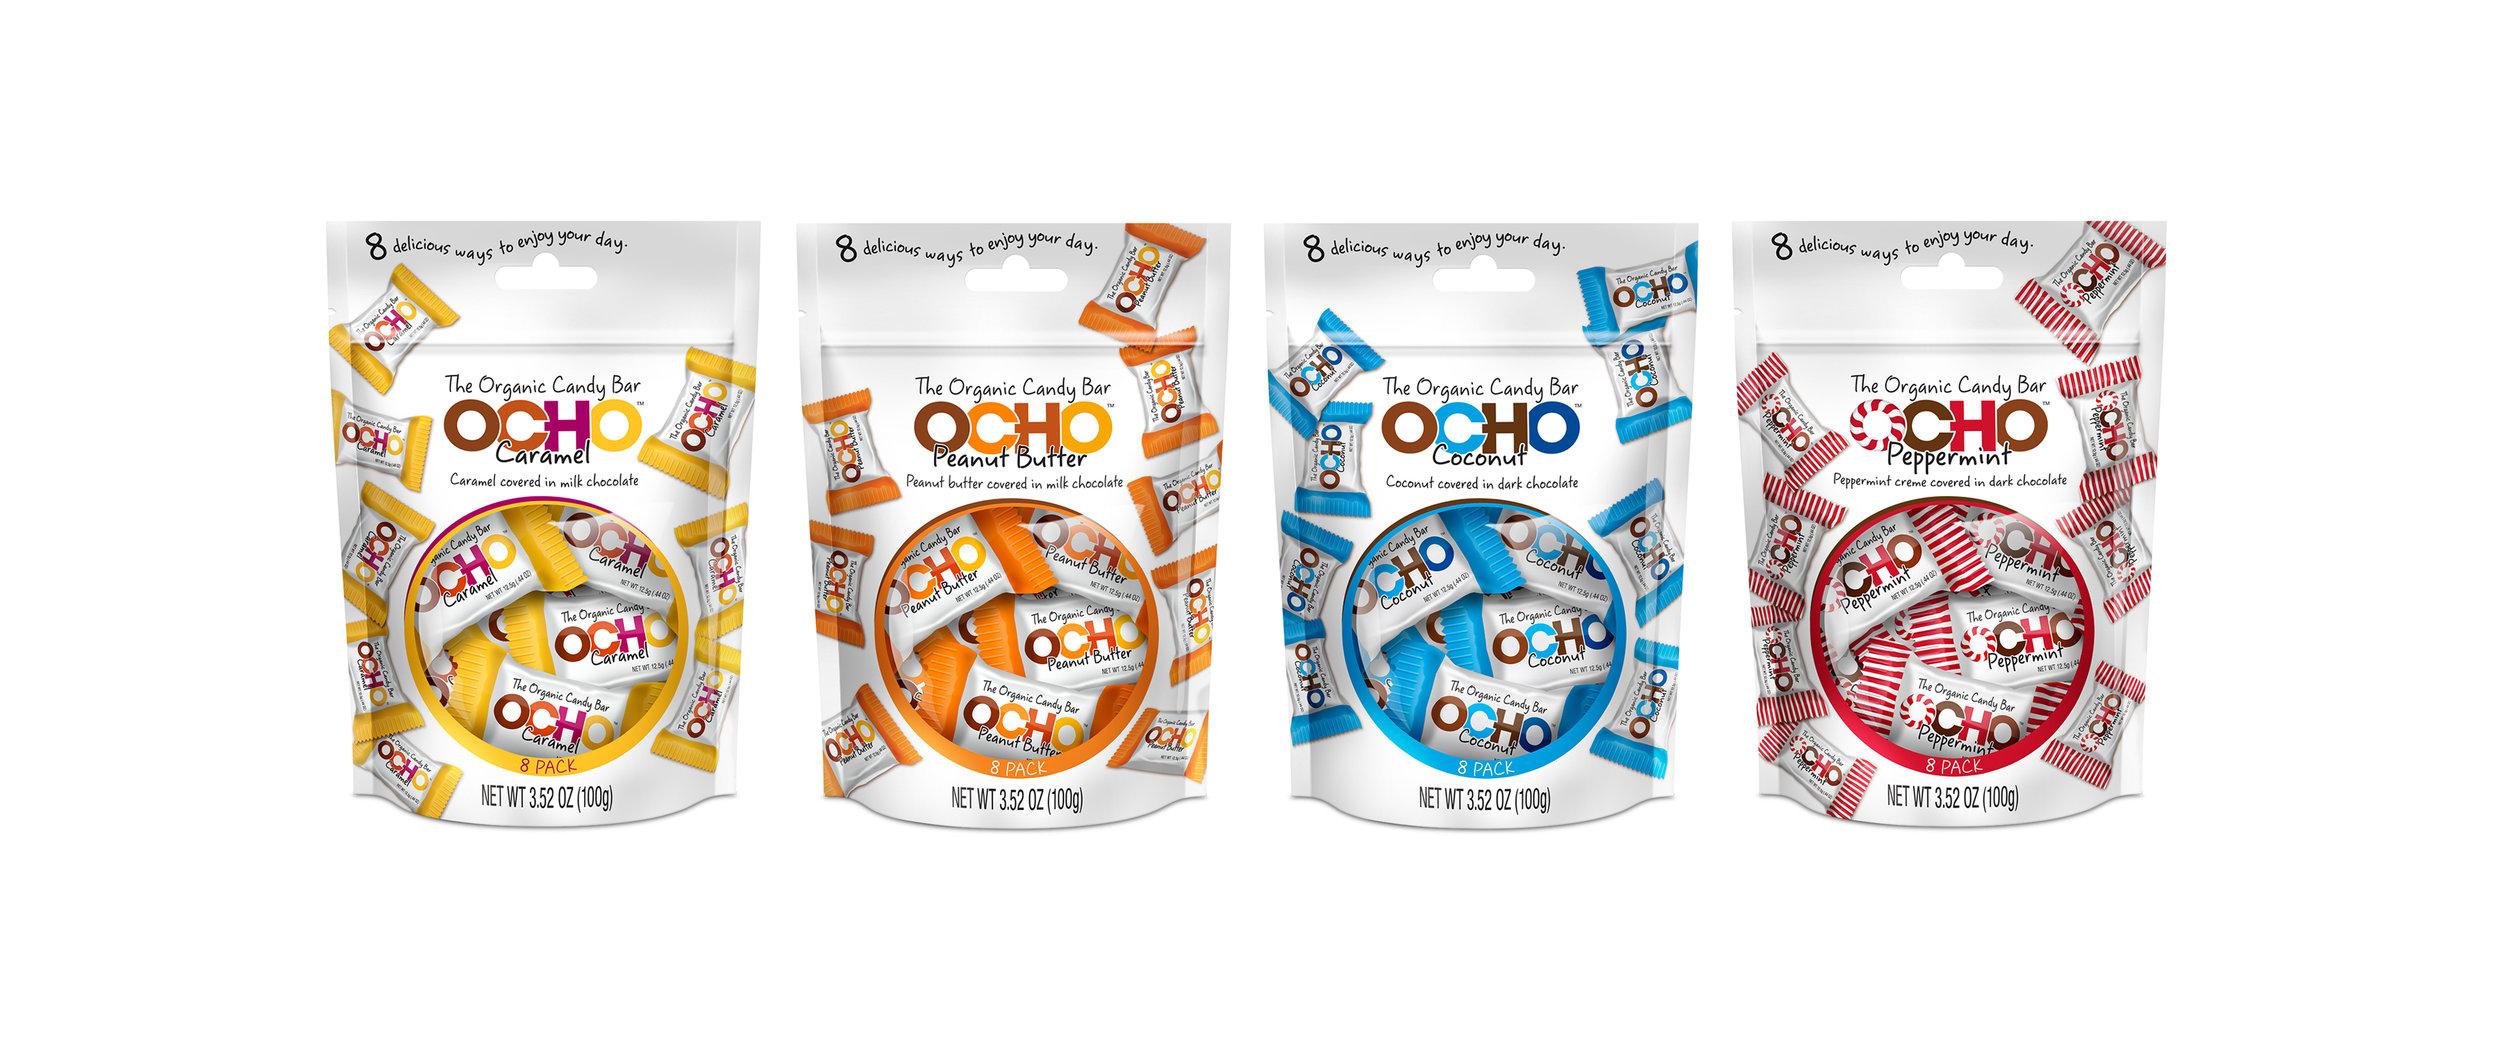 OCHO_bags_home.jpg